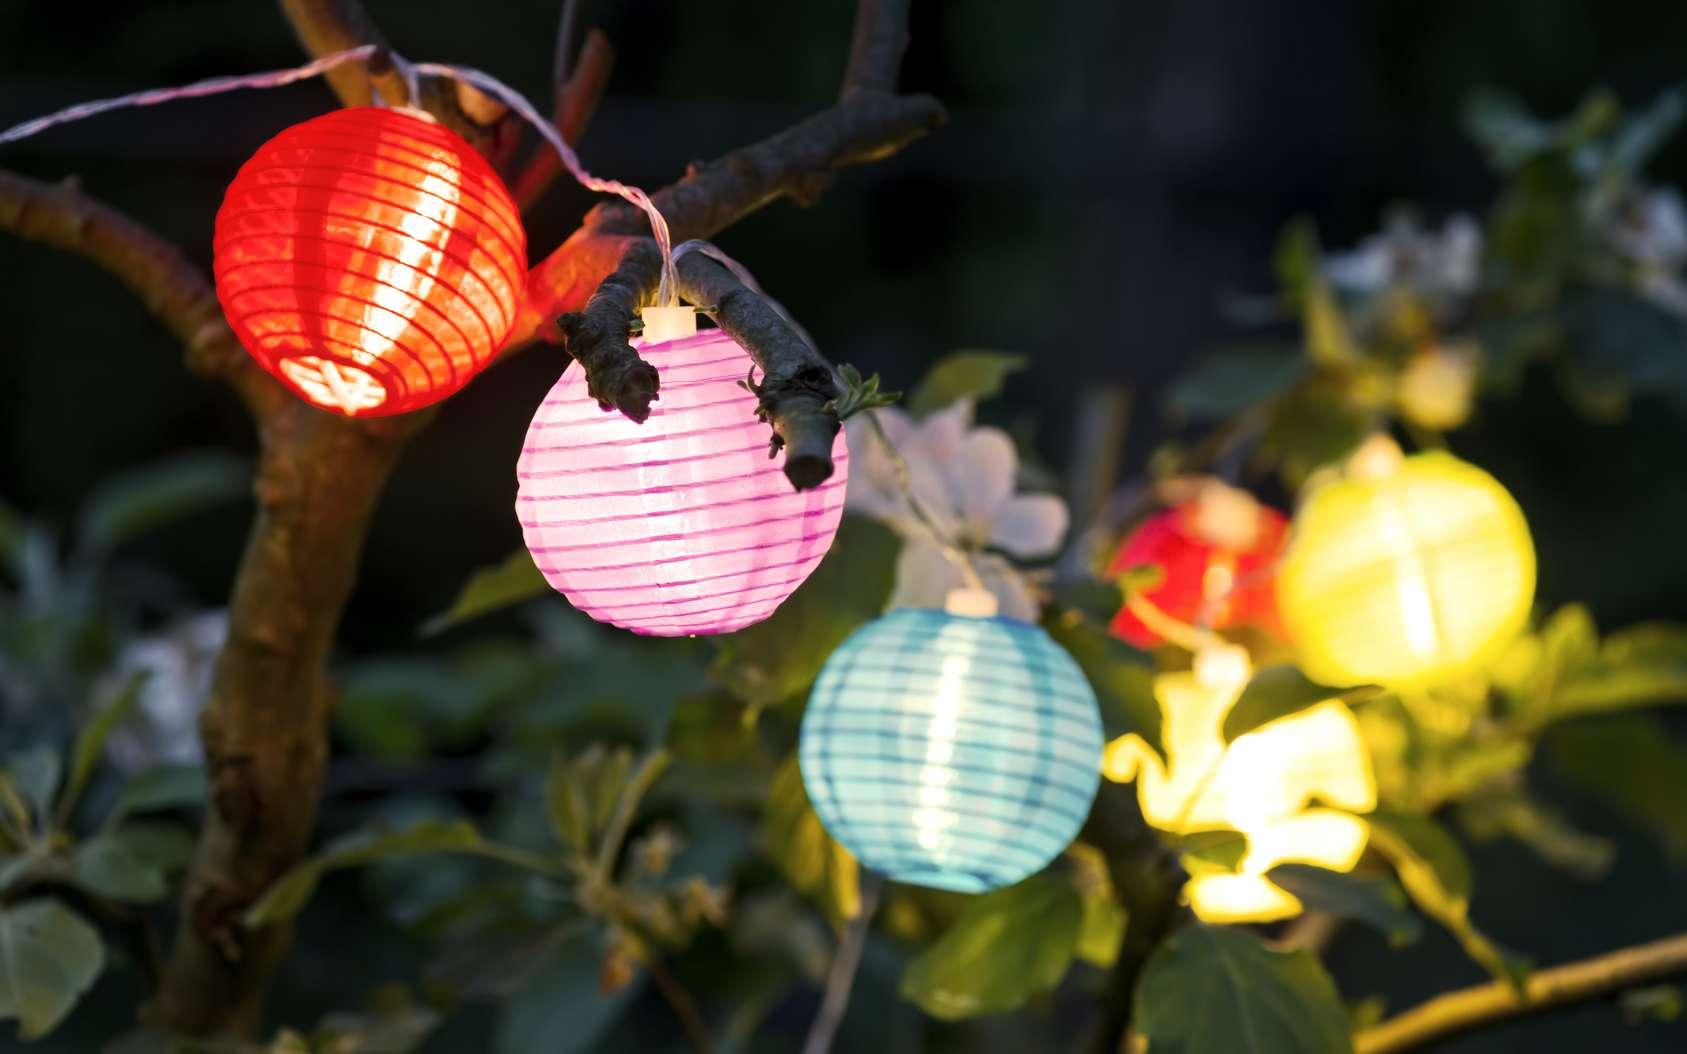 Un éclairage pour jardin utile et esthétique. © Claudia Paulussen, Fotolia